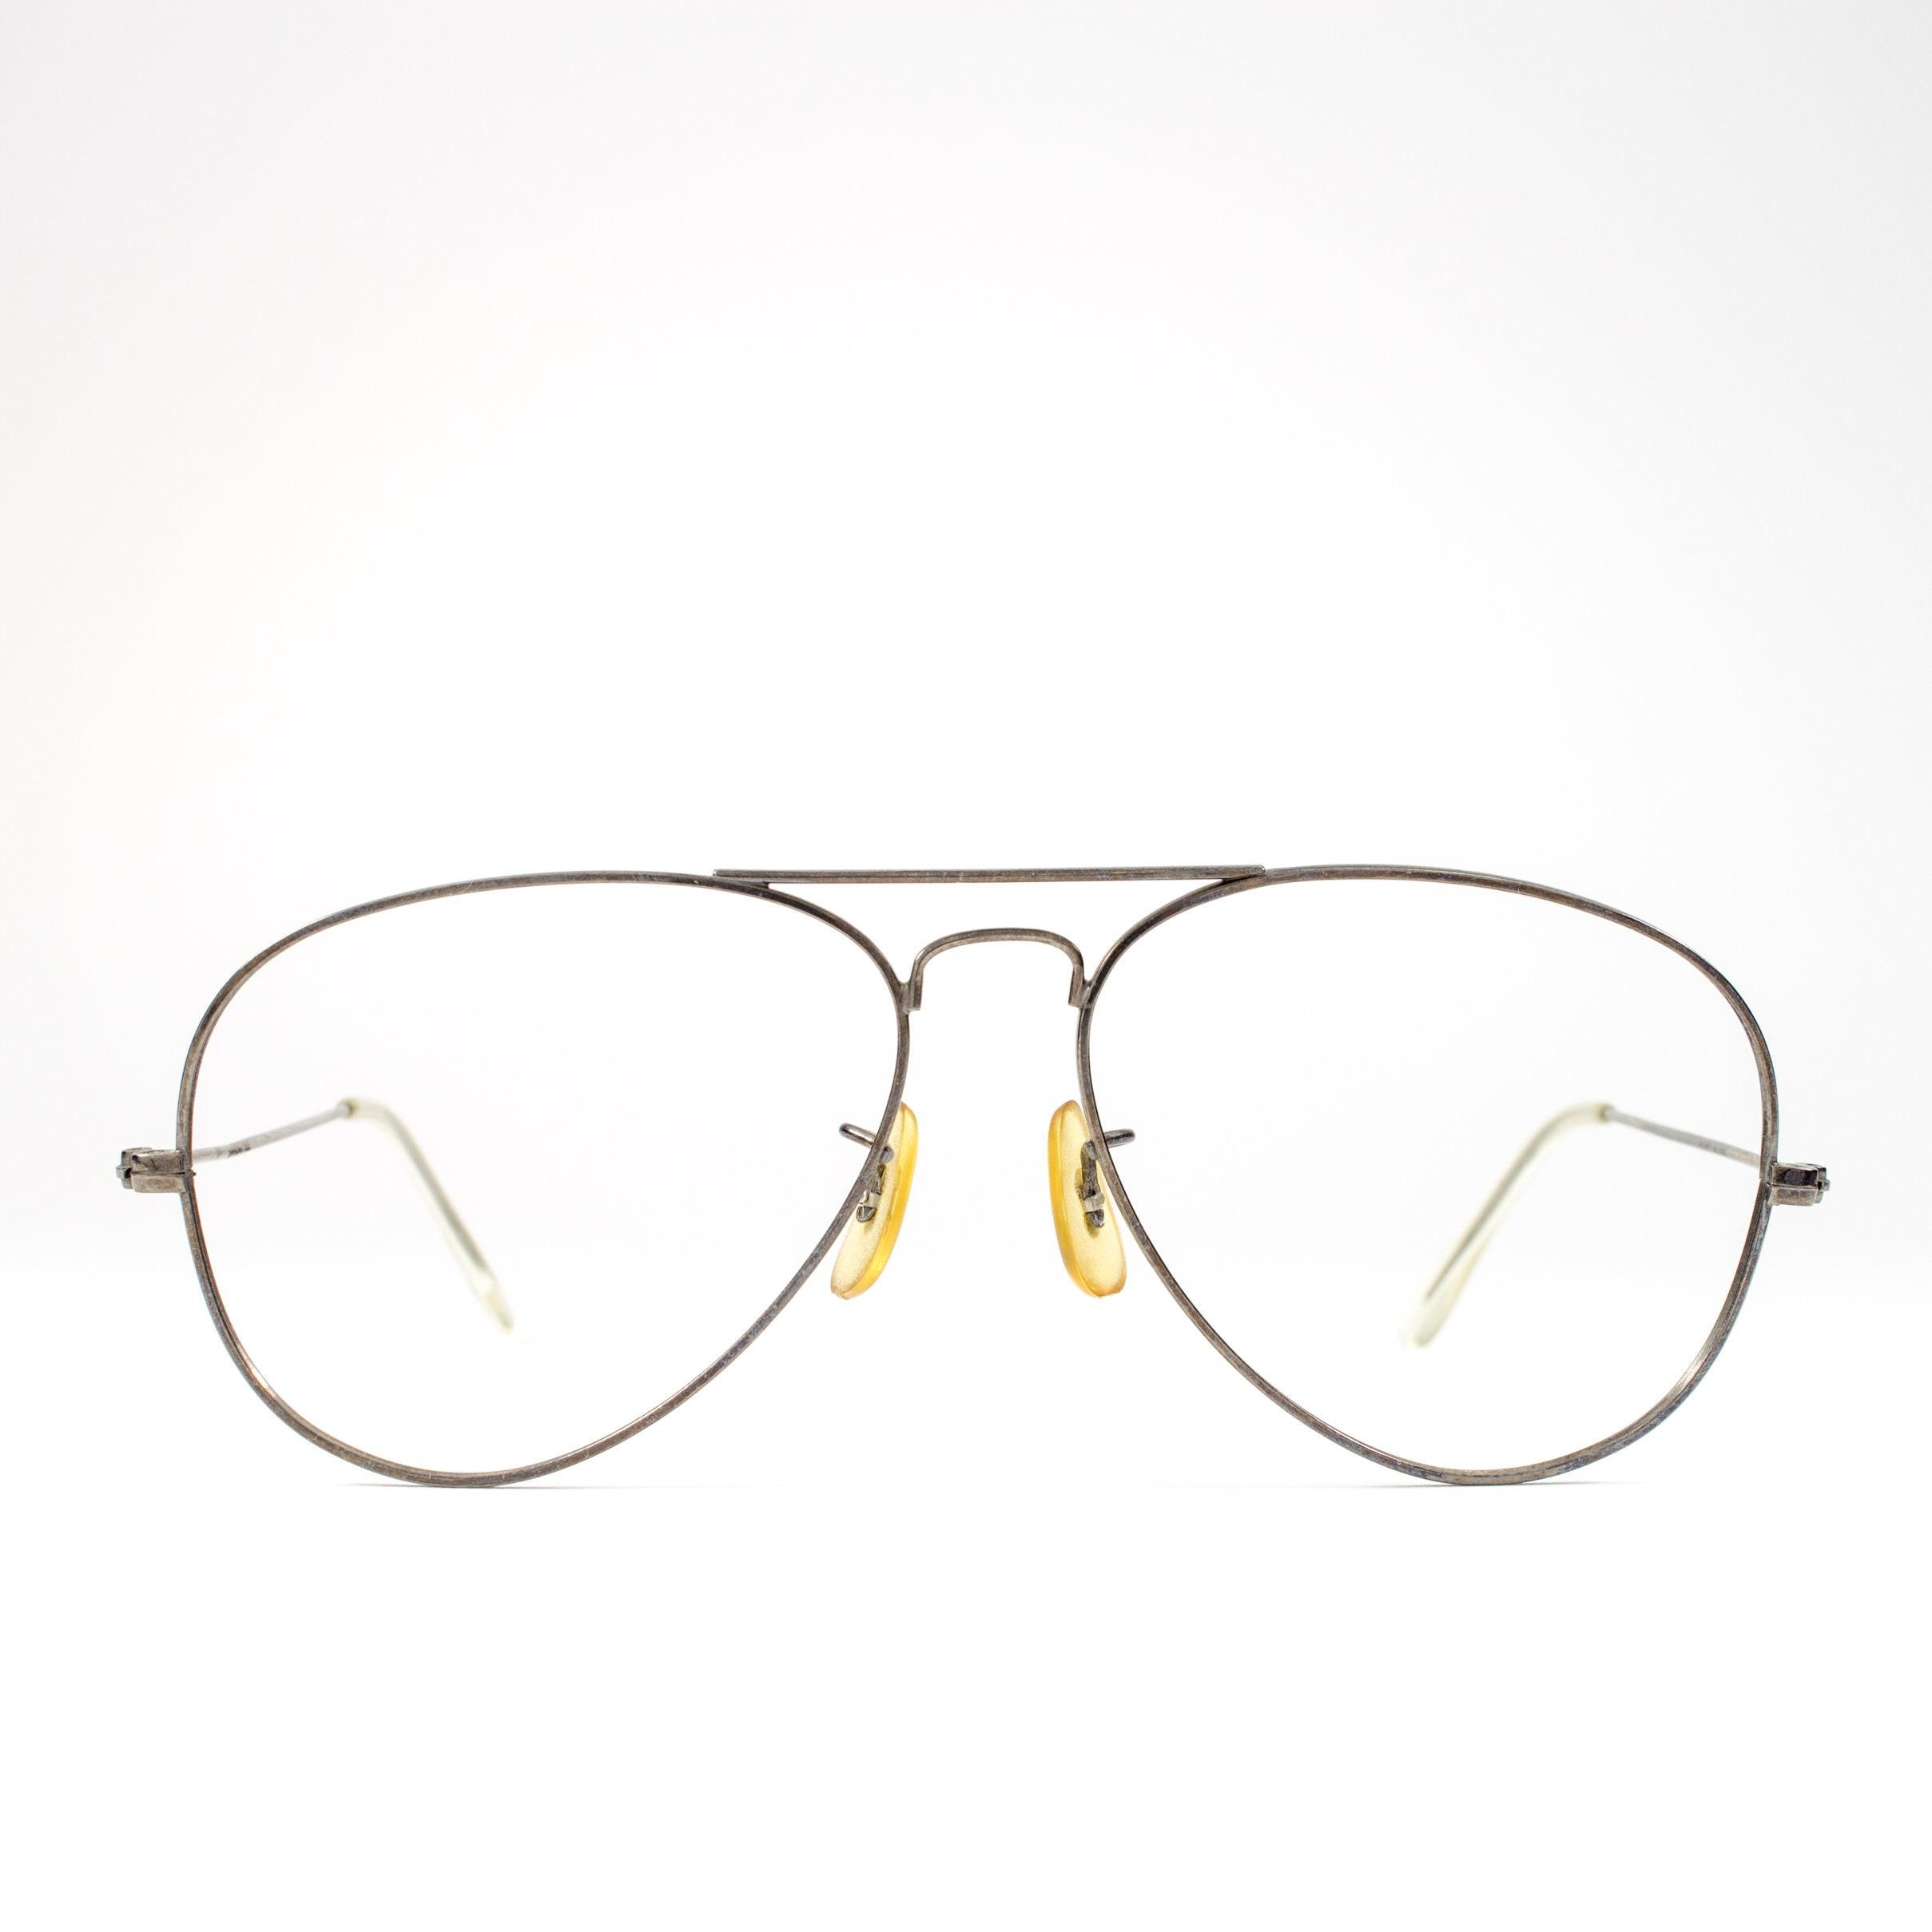 26ae7802e41 Black Vintage Eyeglasses